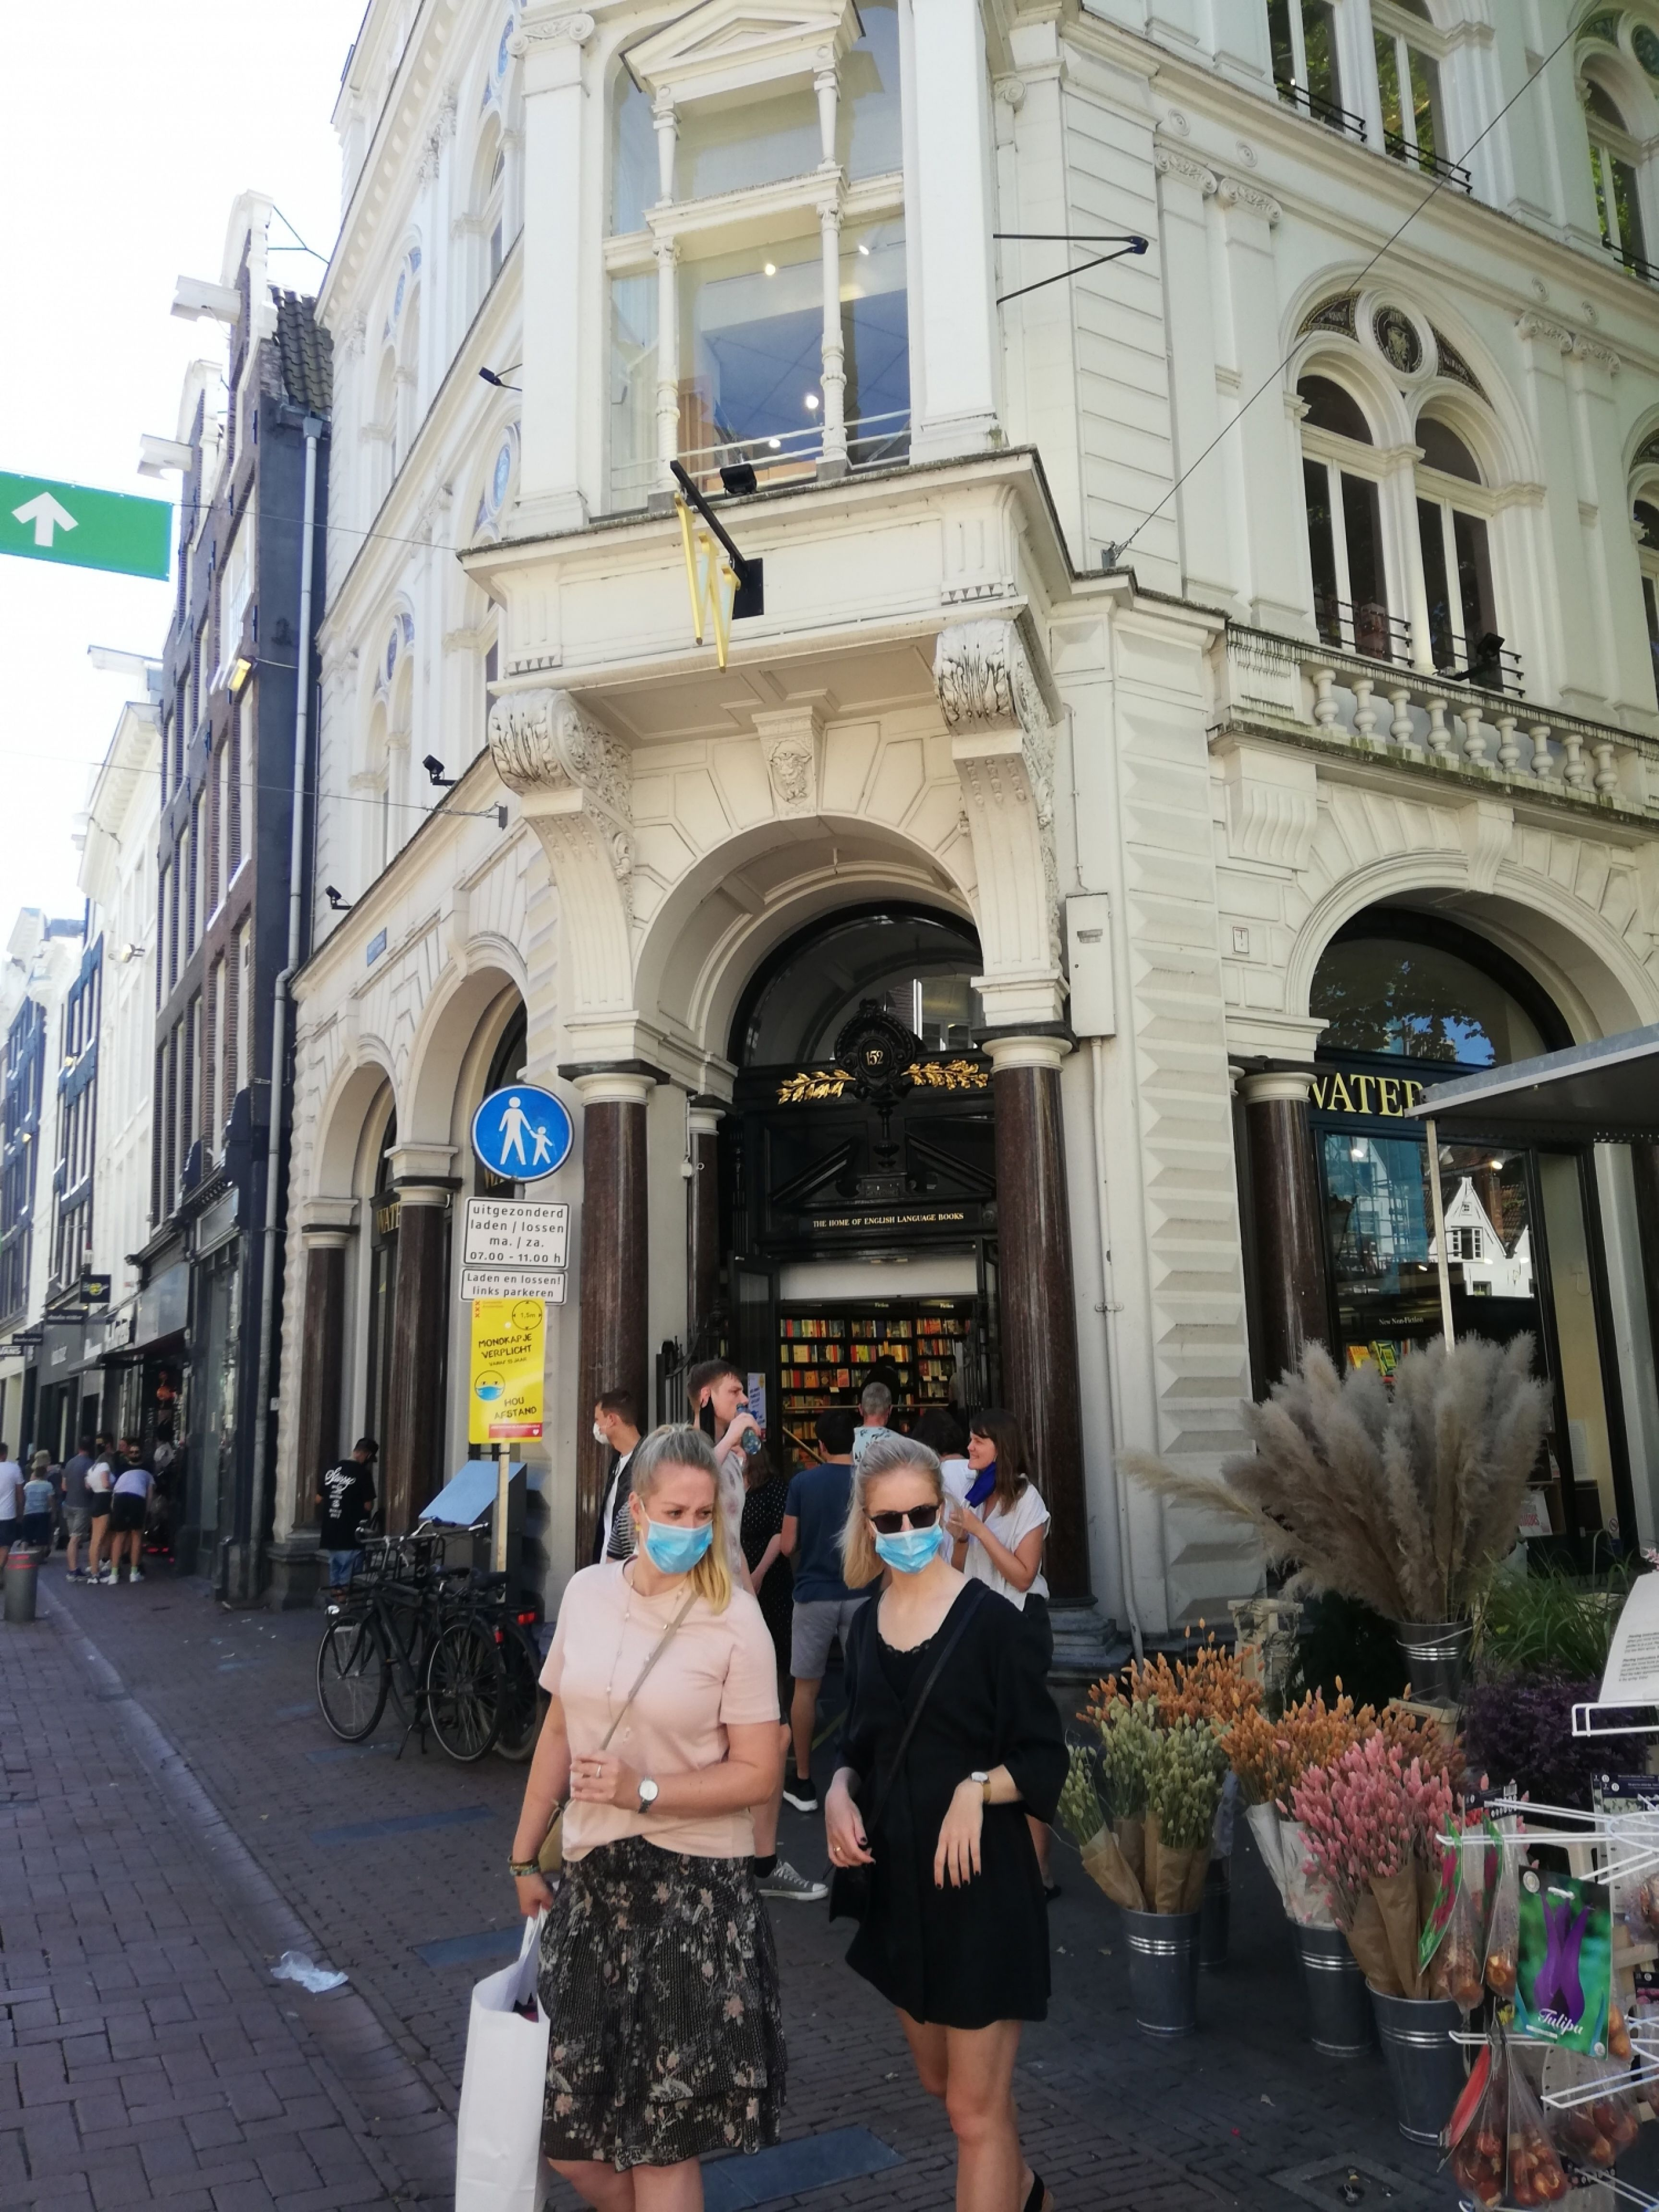 Boekhandel waterstones mondkapjesplicht amsterdam